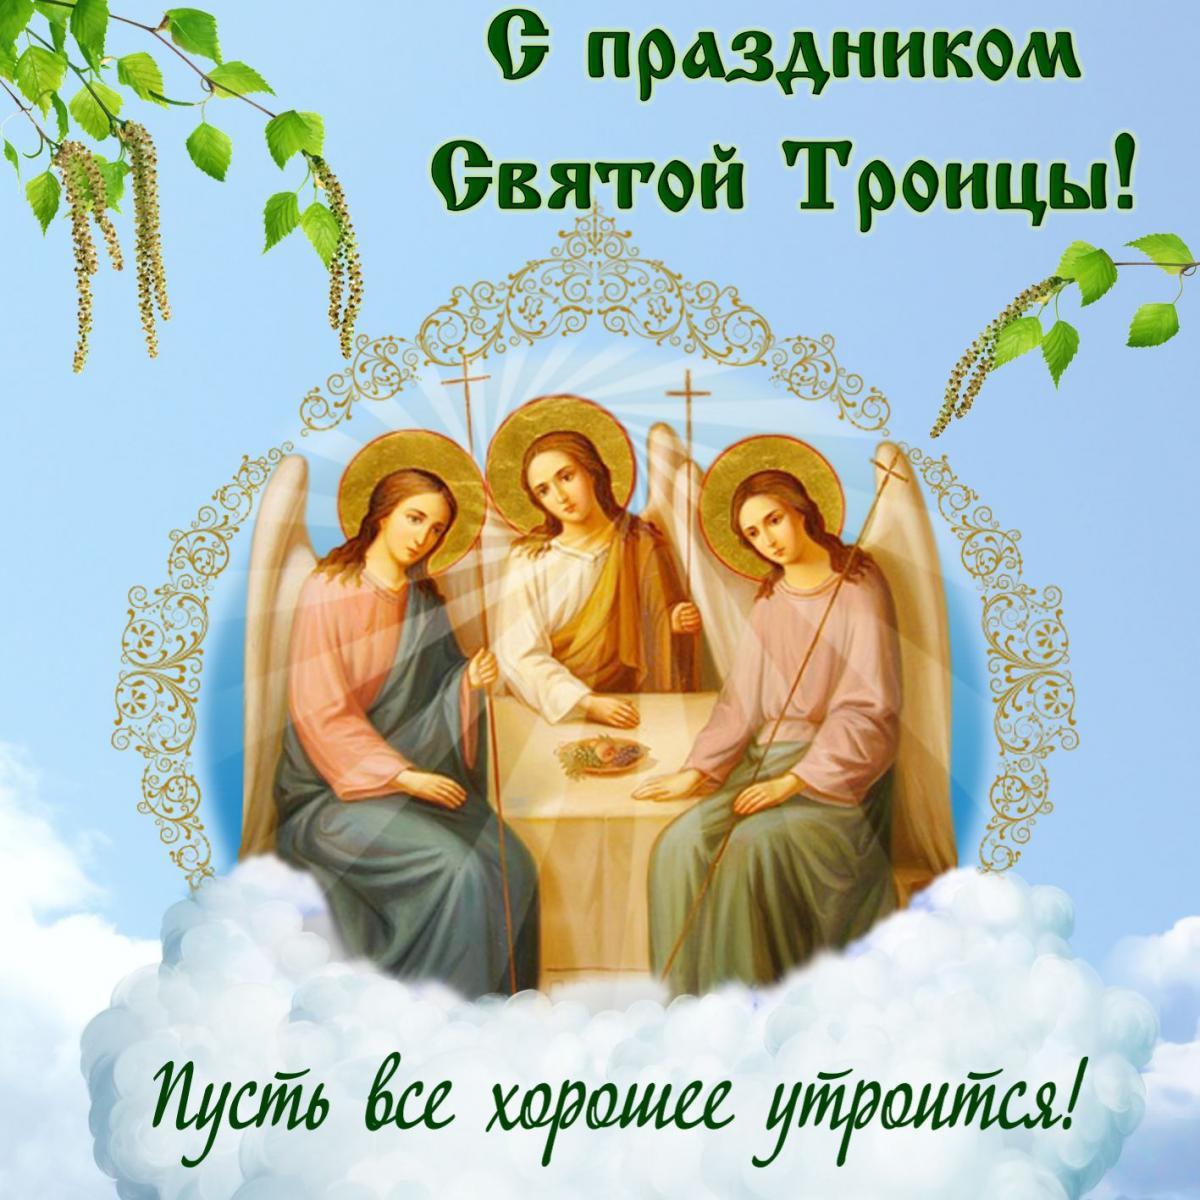 Поздравления с Троицей / kartinki-life.ru